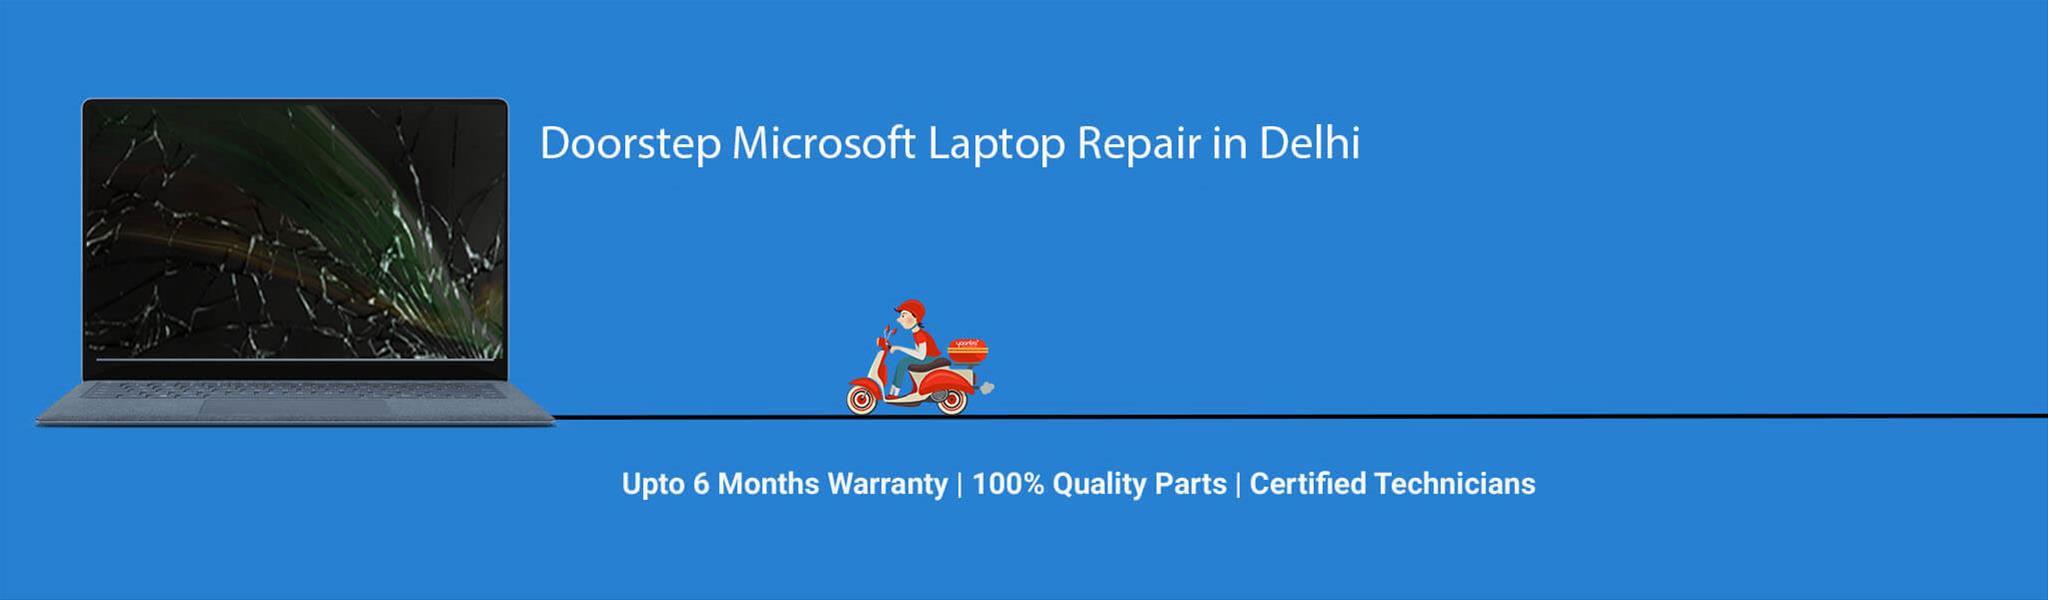 Microsoft-laptop-banner-delhi.jpg